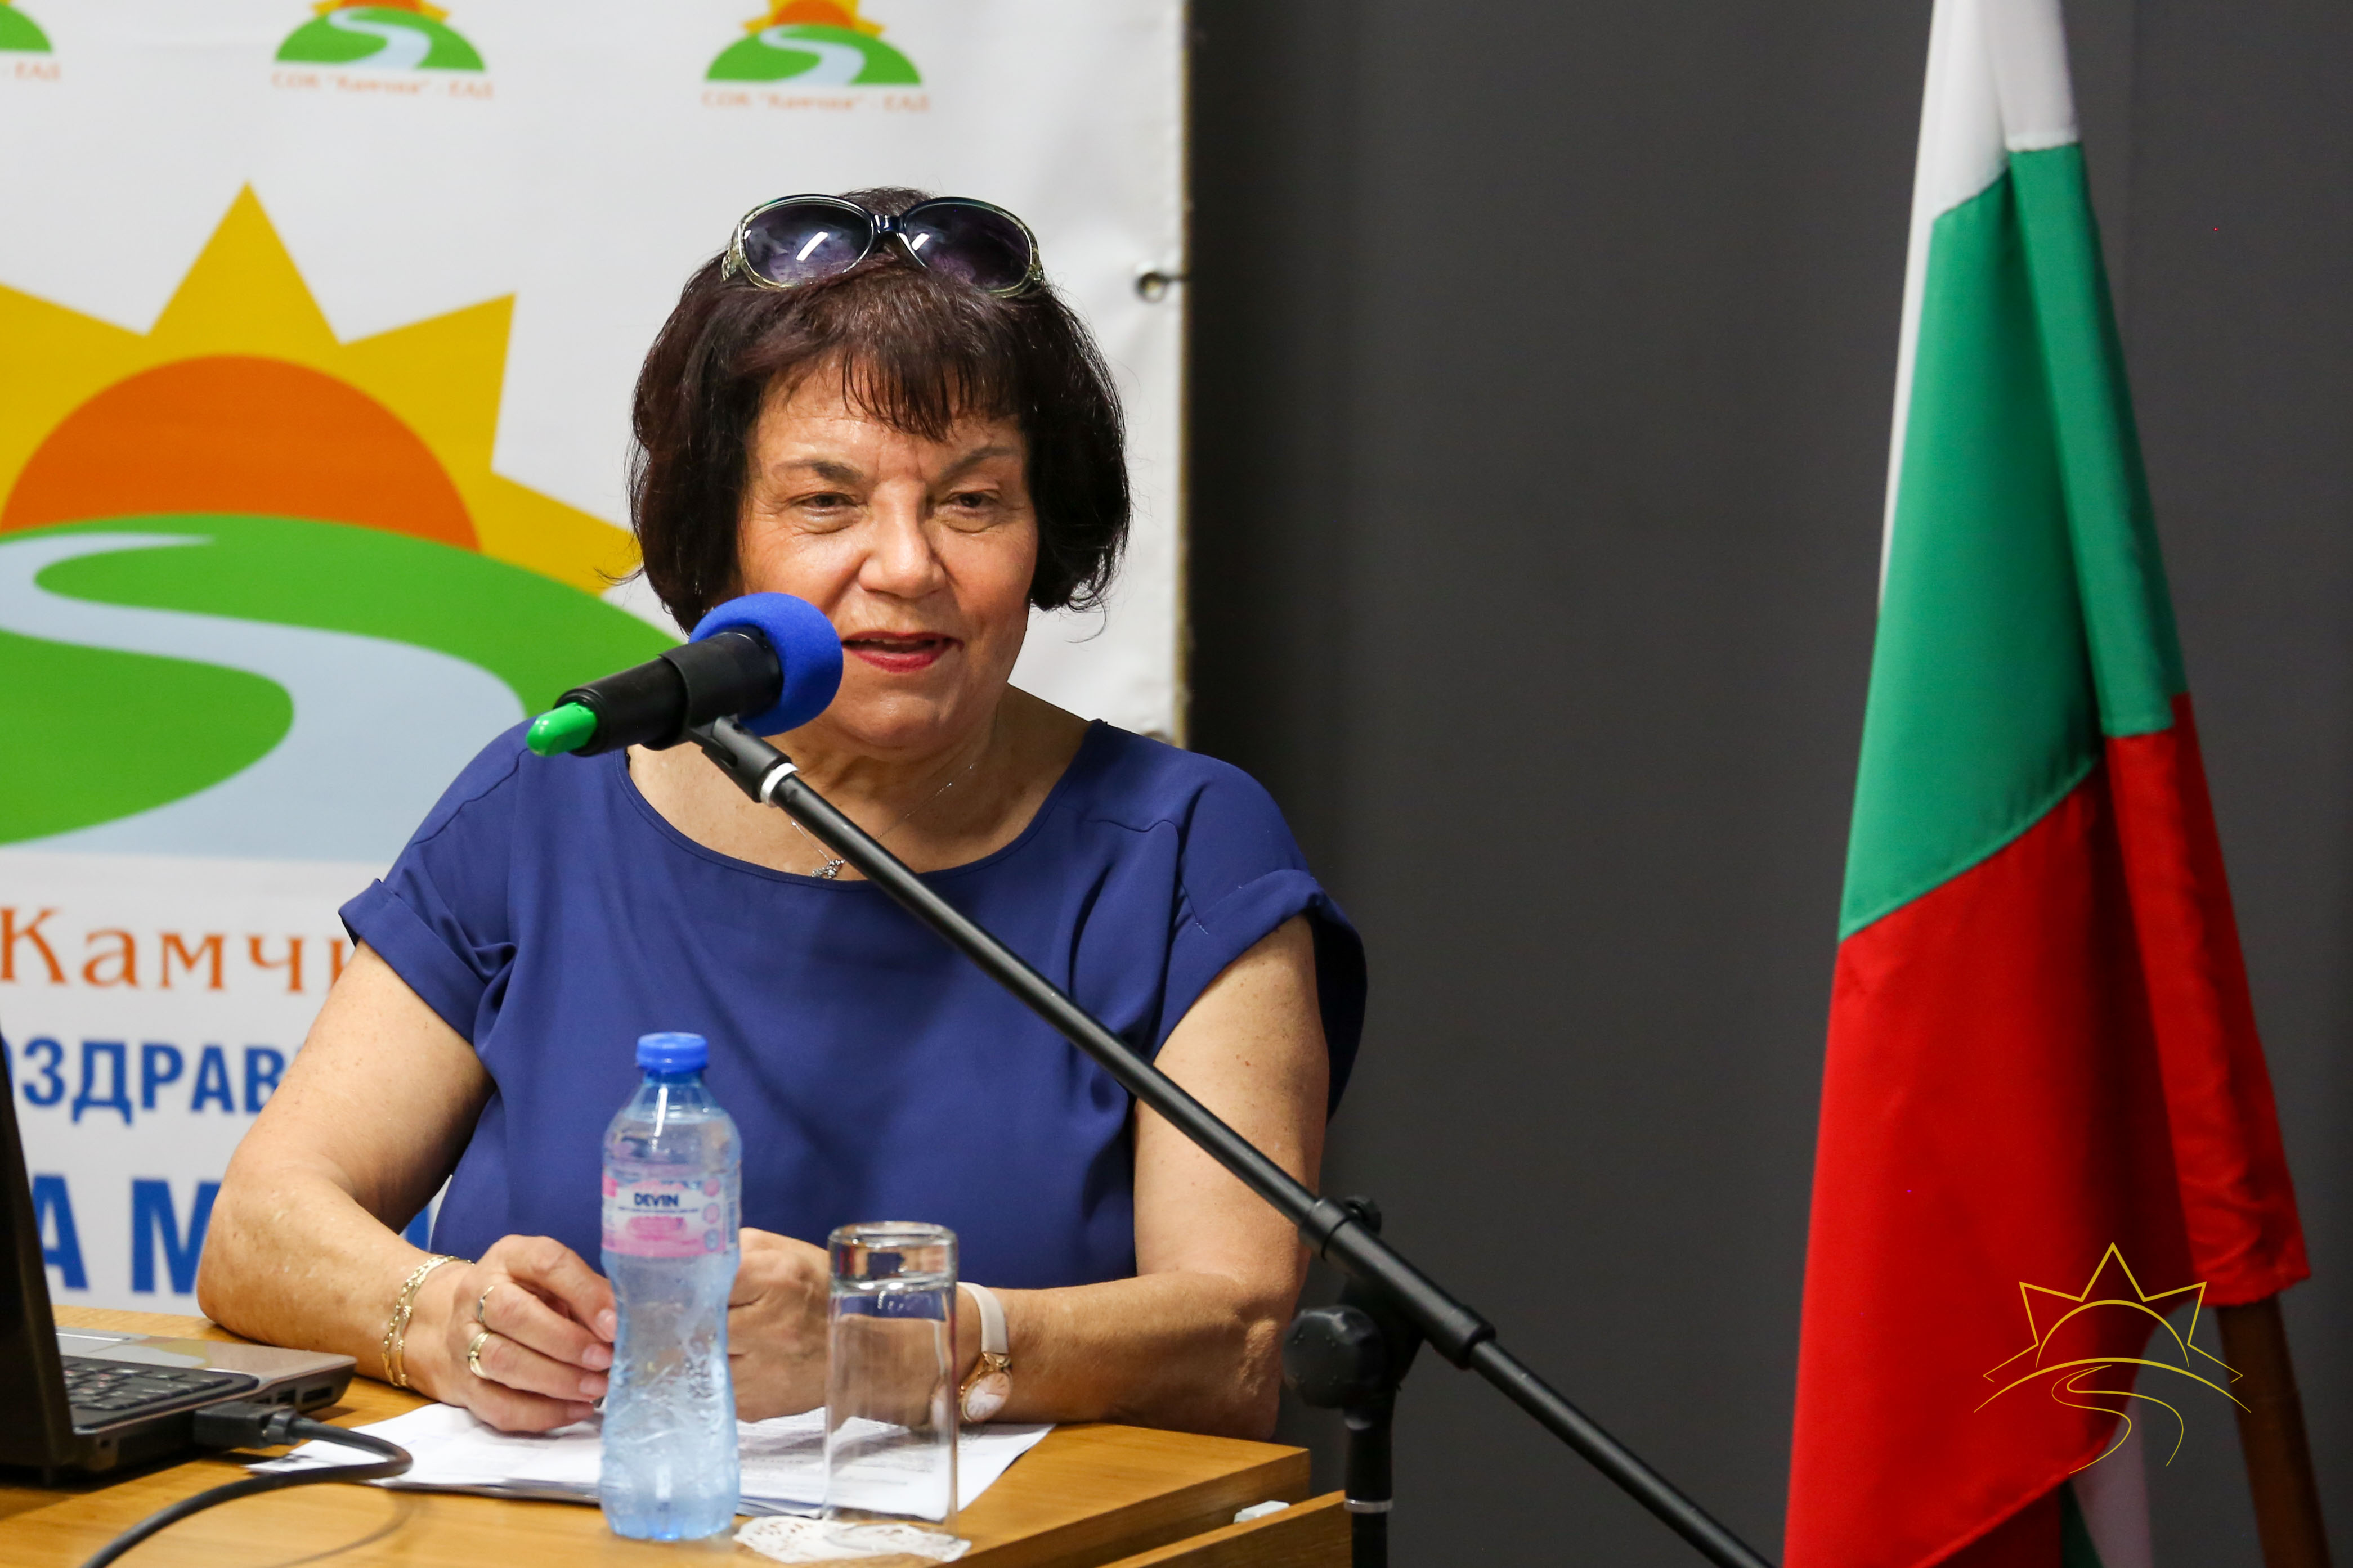 """Над 250 учители – на конференция в """"Камчия"""" преди началото на учебната година"""